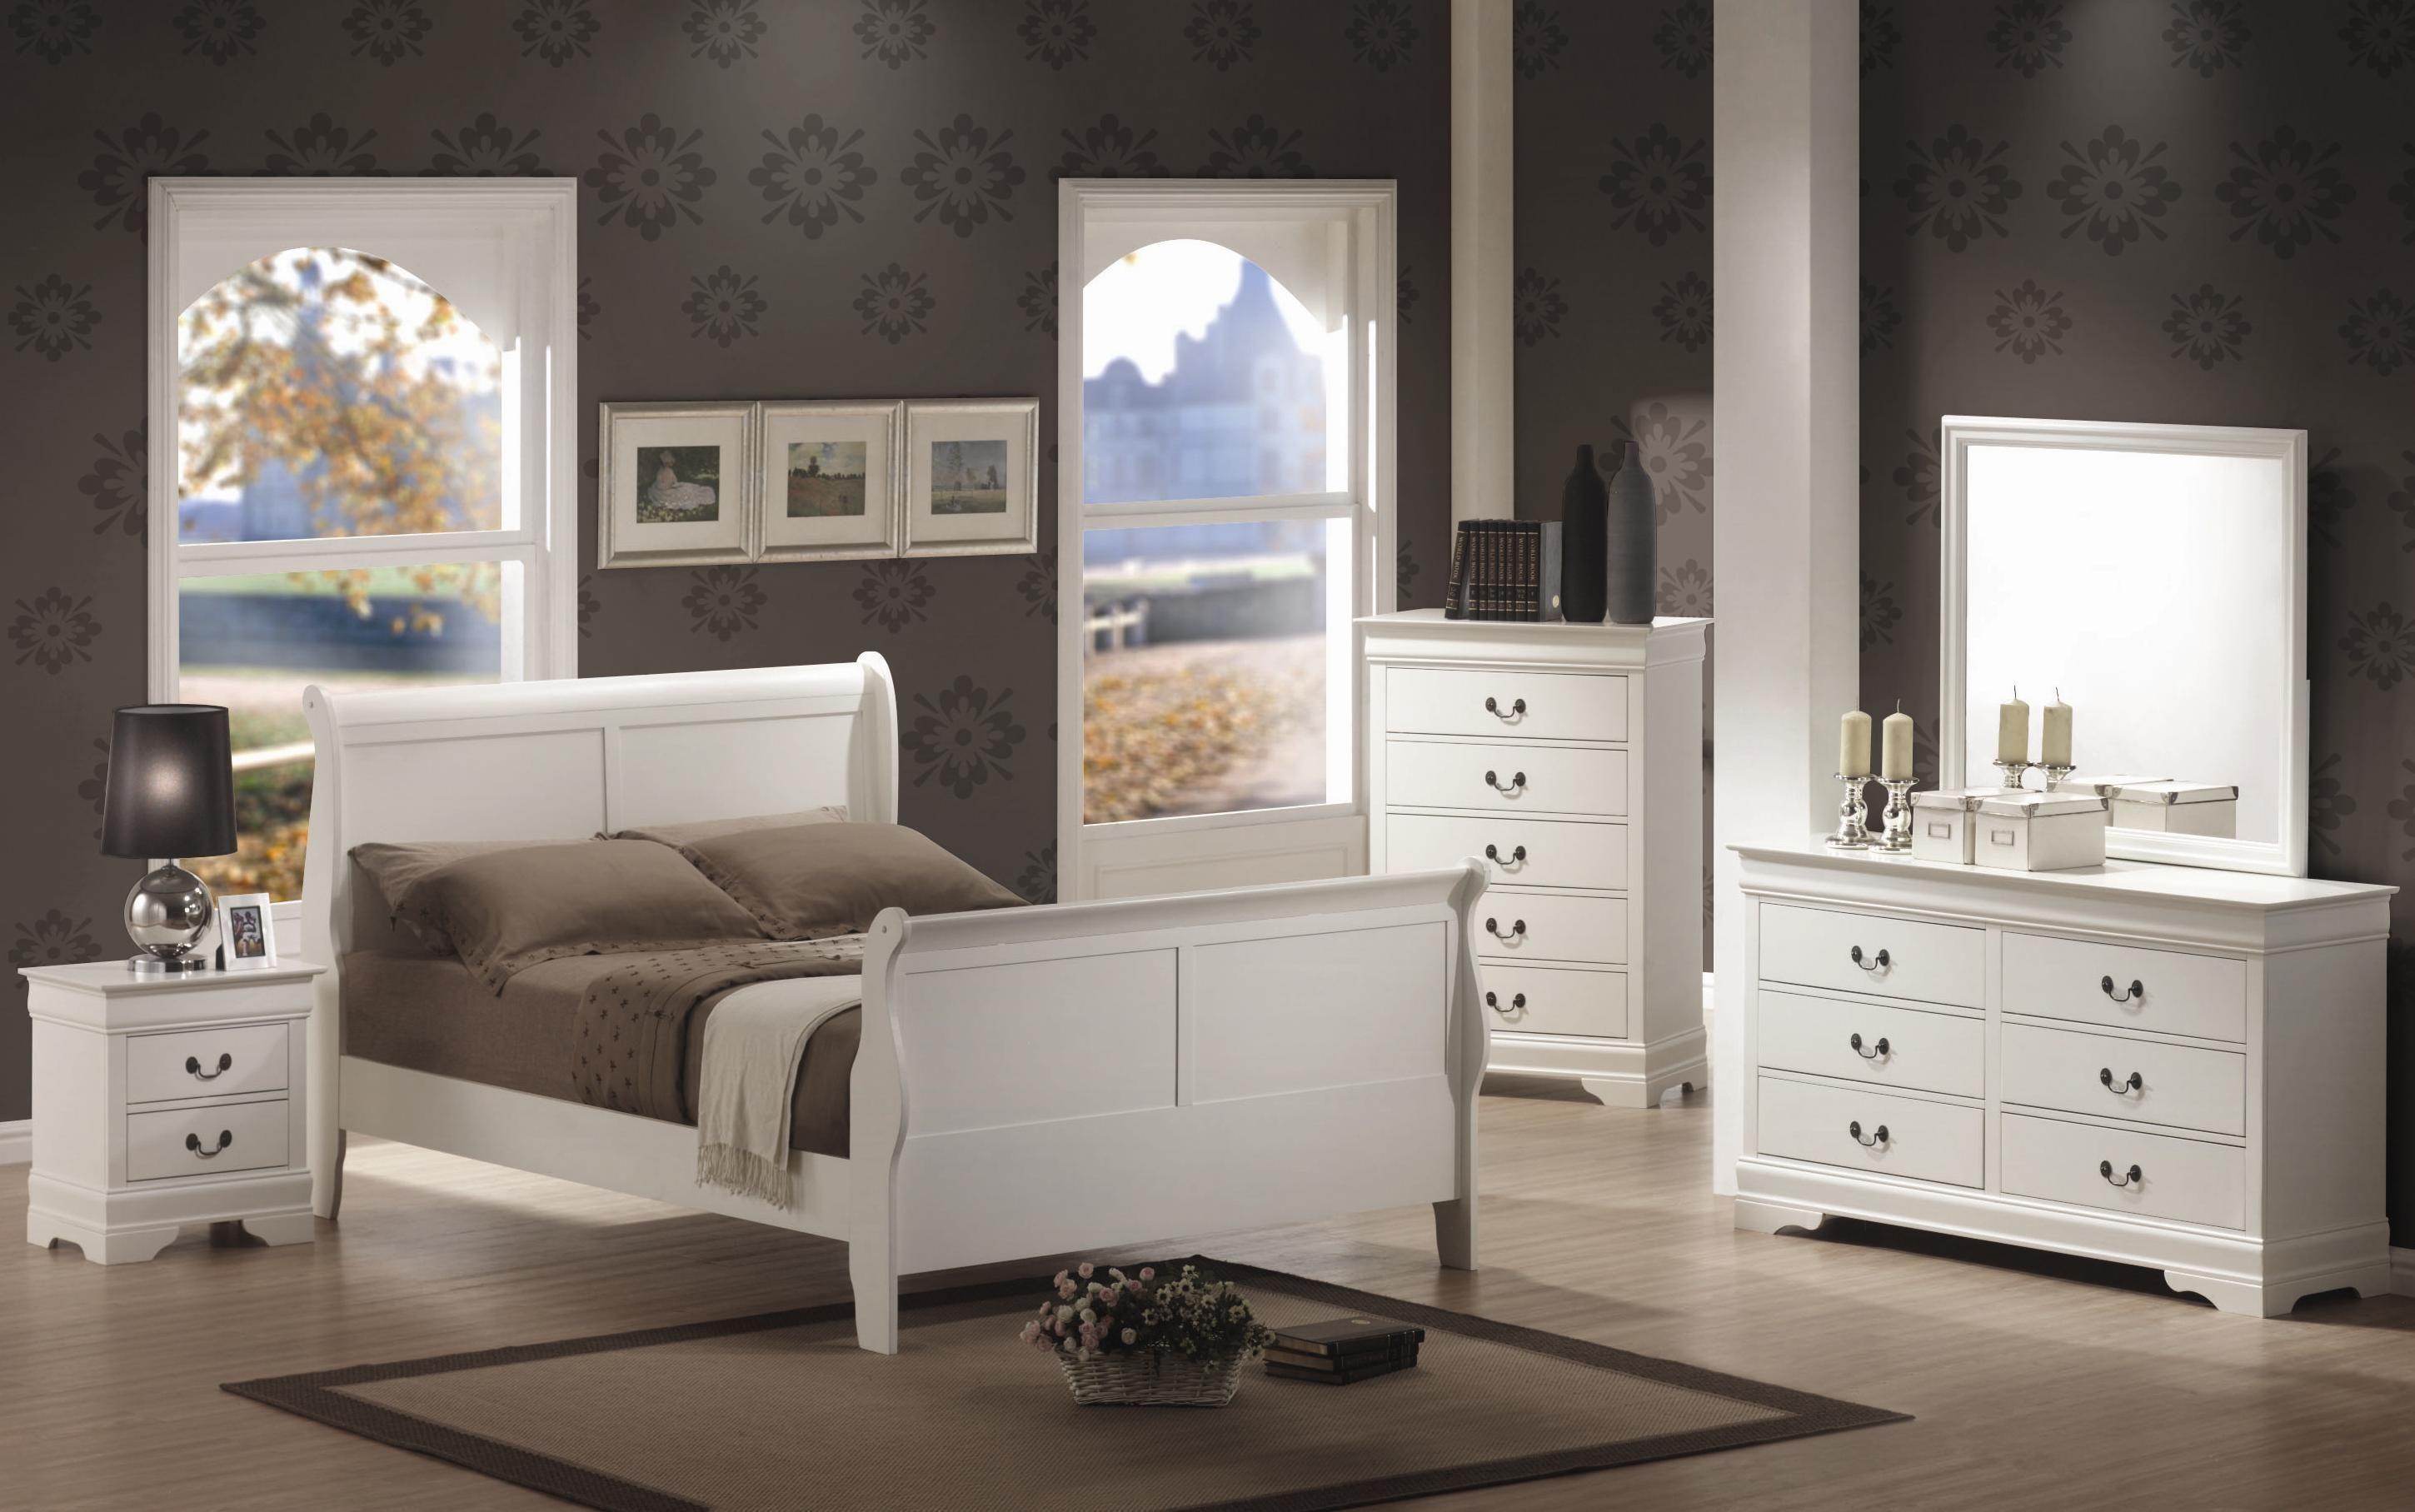 Kirschholz Kommode Kalifornien König Schlafzimmer Sets Moderne Schlafzimmer Sets Schwarz Holz ...